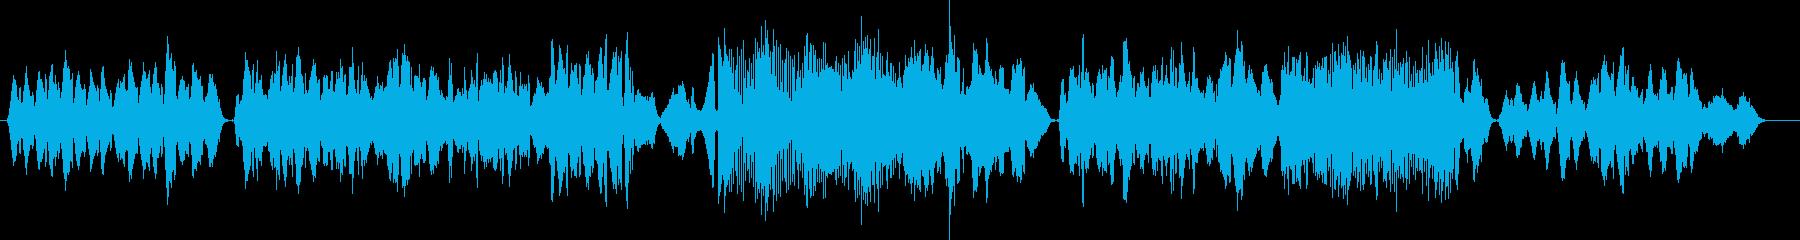 オリエンタルな風情の弦楽四重奏の再生済みの波形